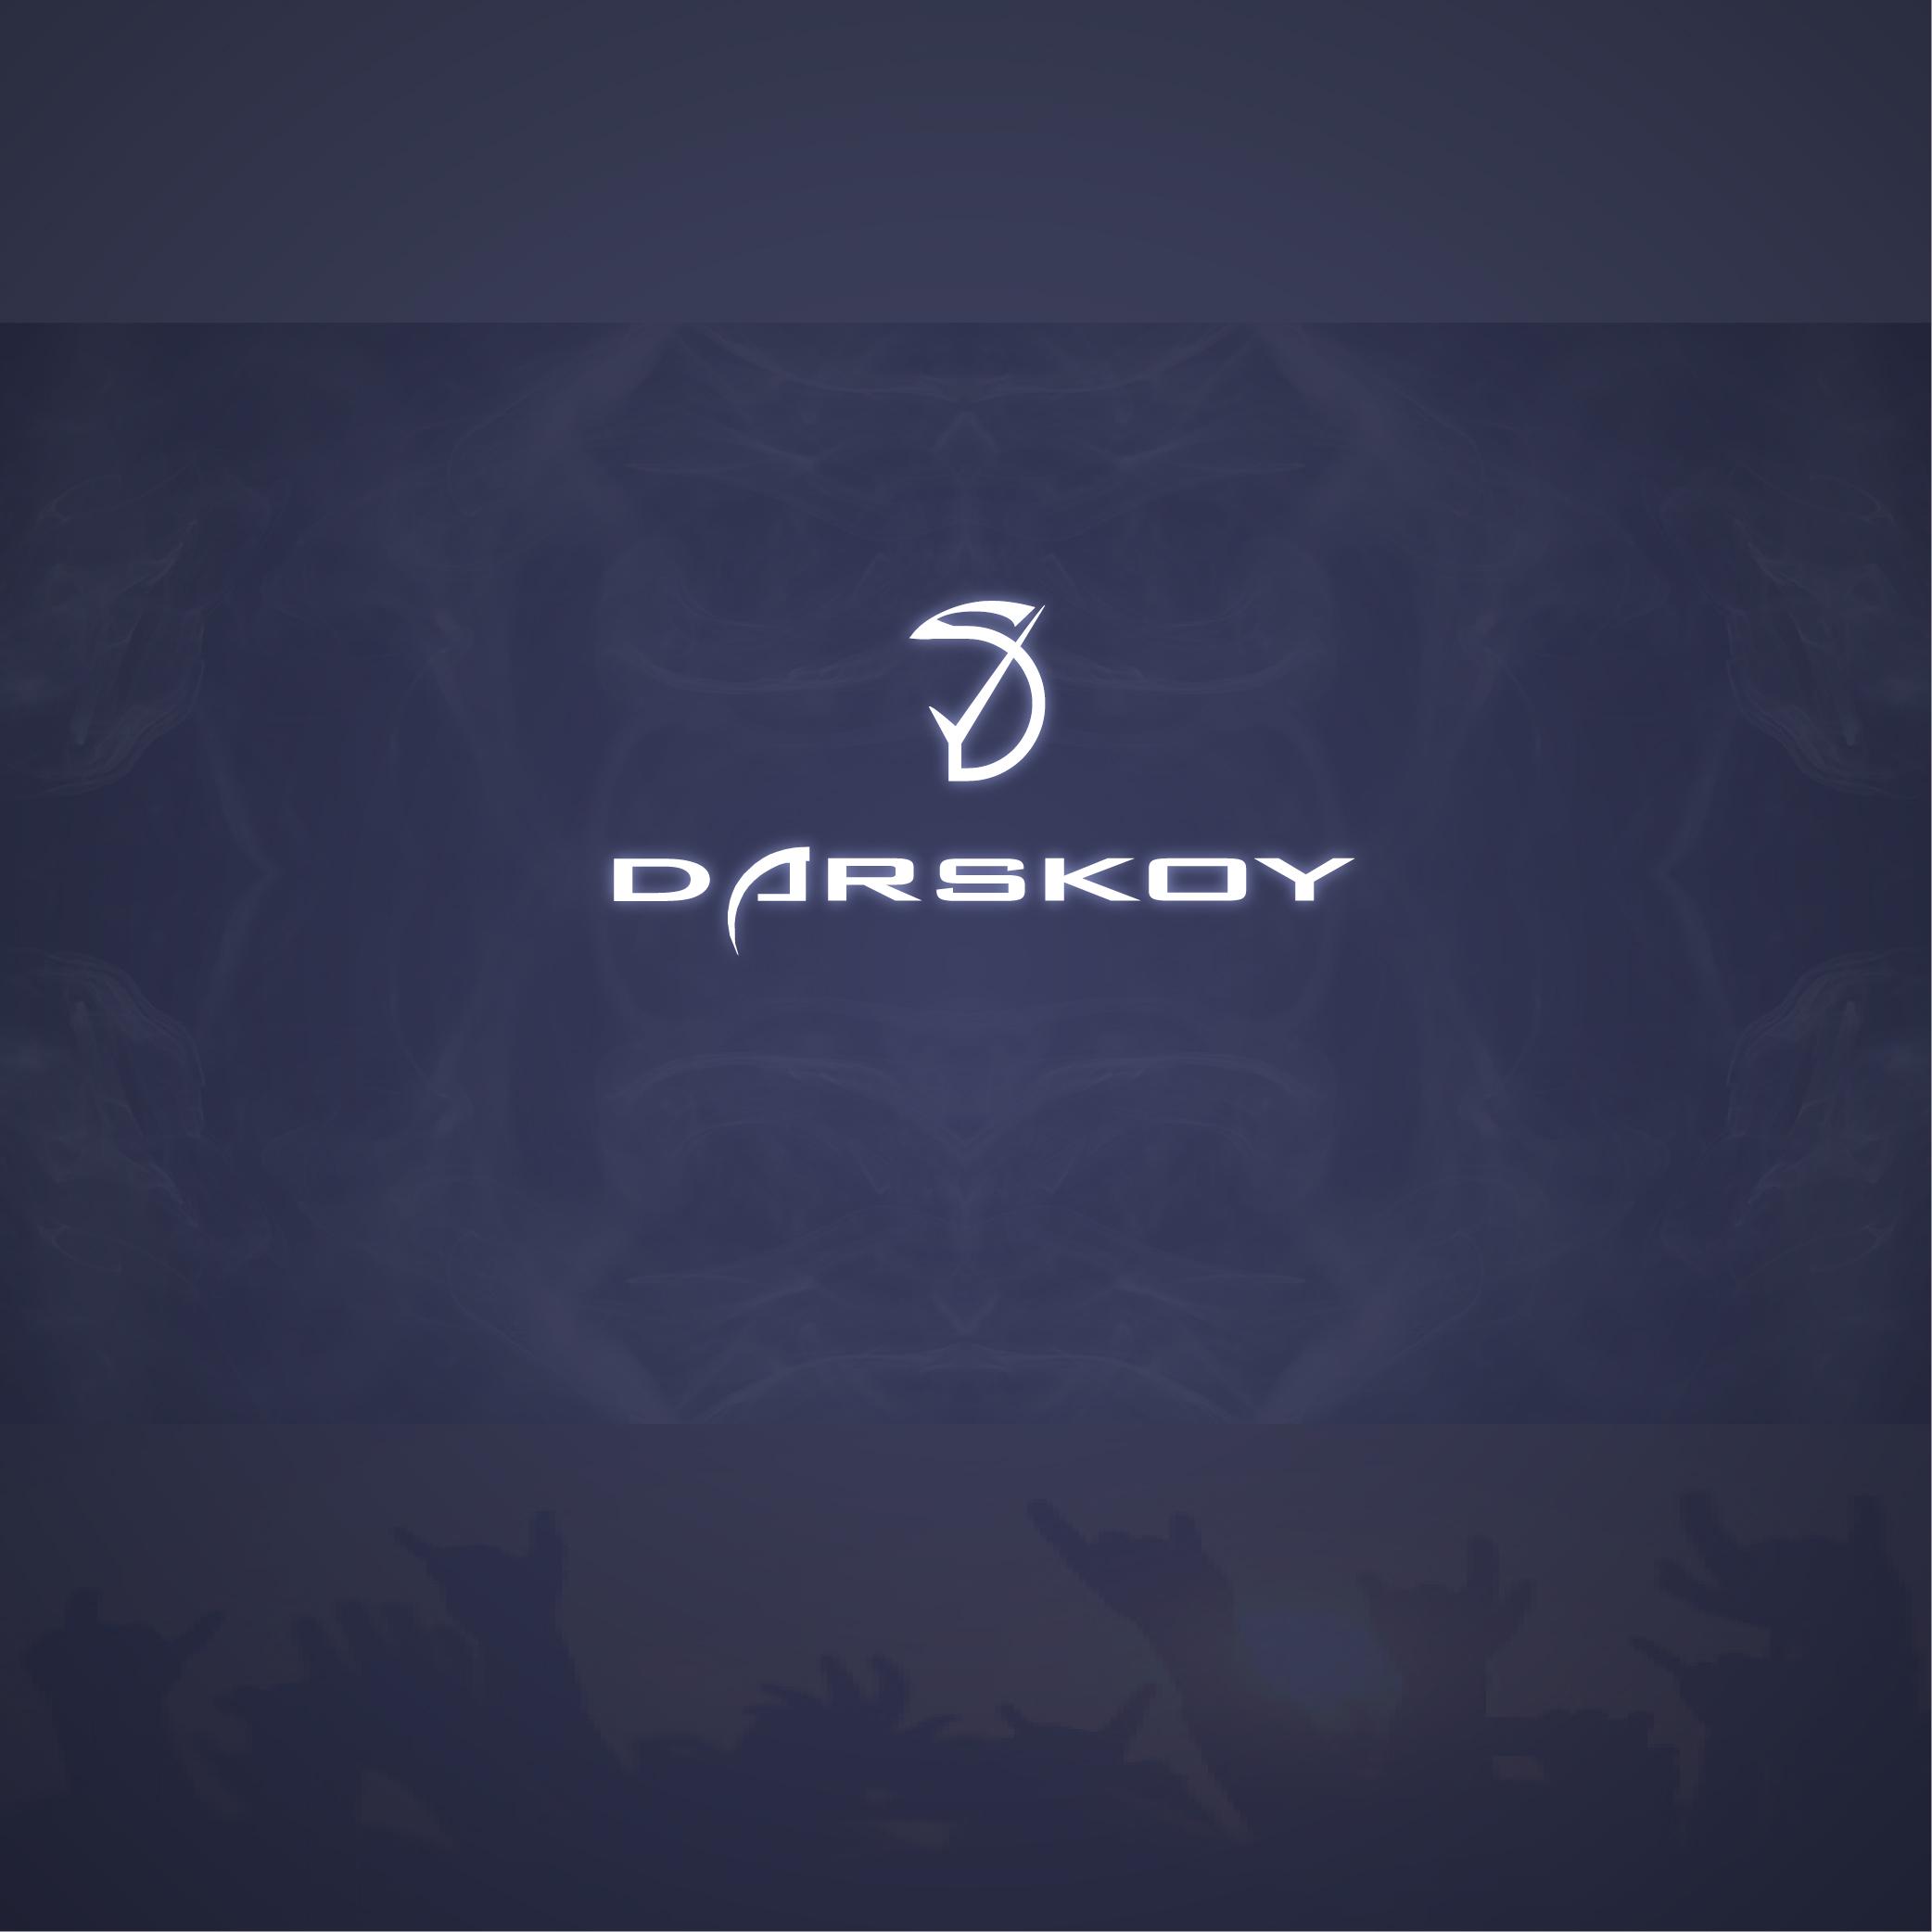 Нарисовать логотип для сольного музыкального проекта фото f_3465ba772e3a4564.jpg